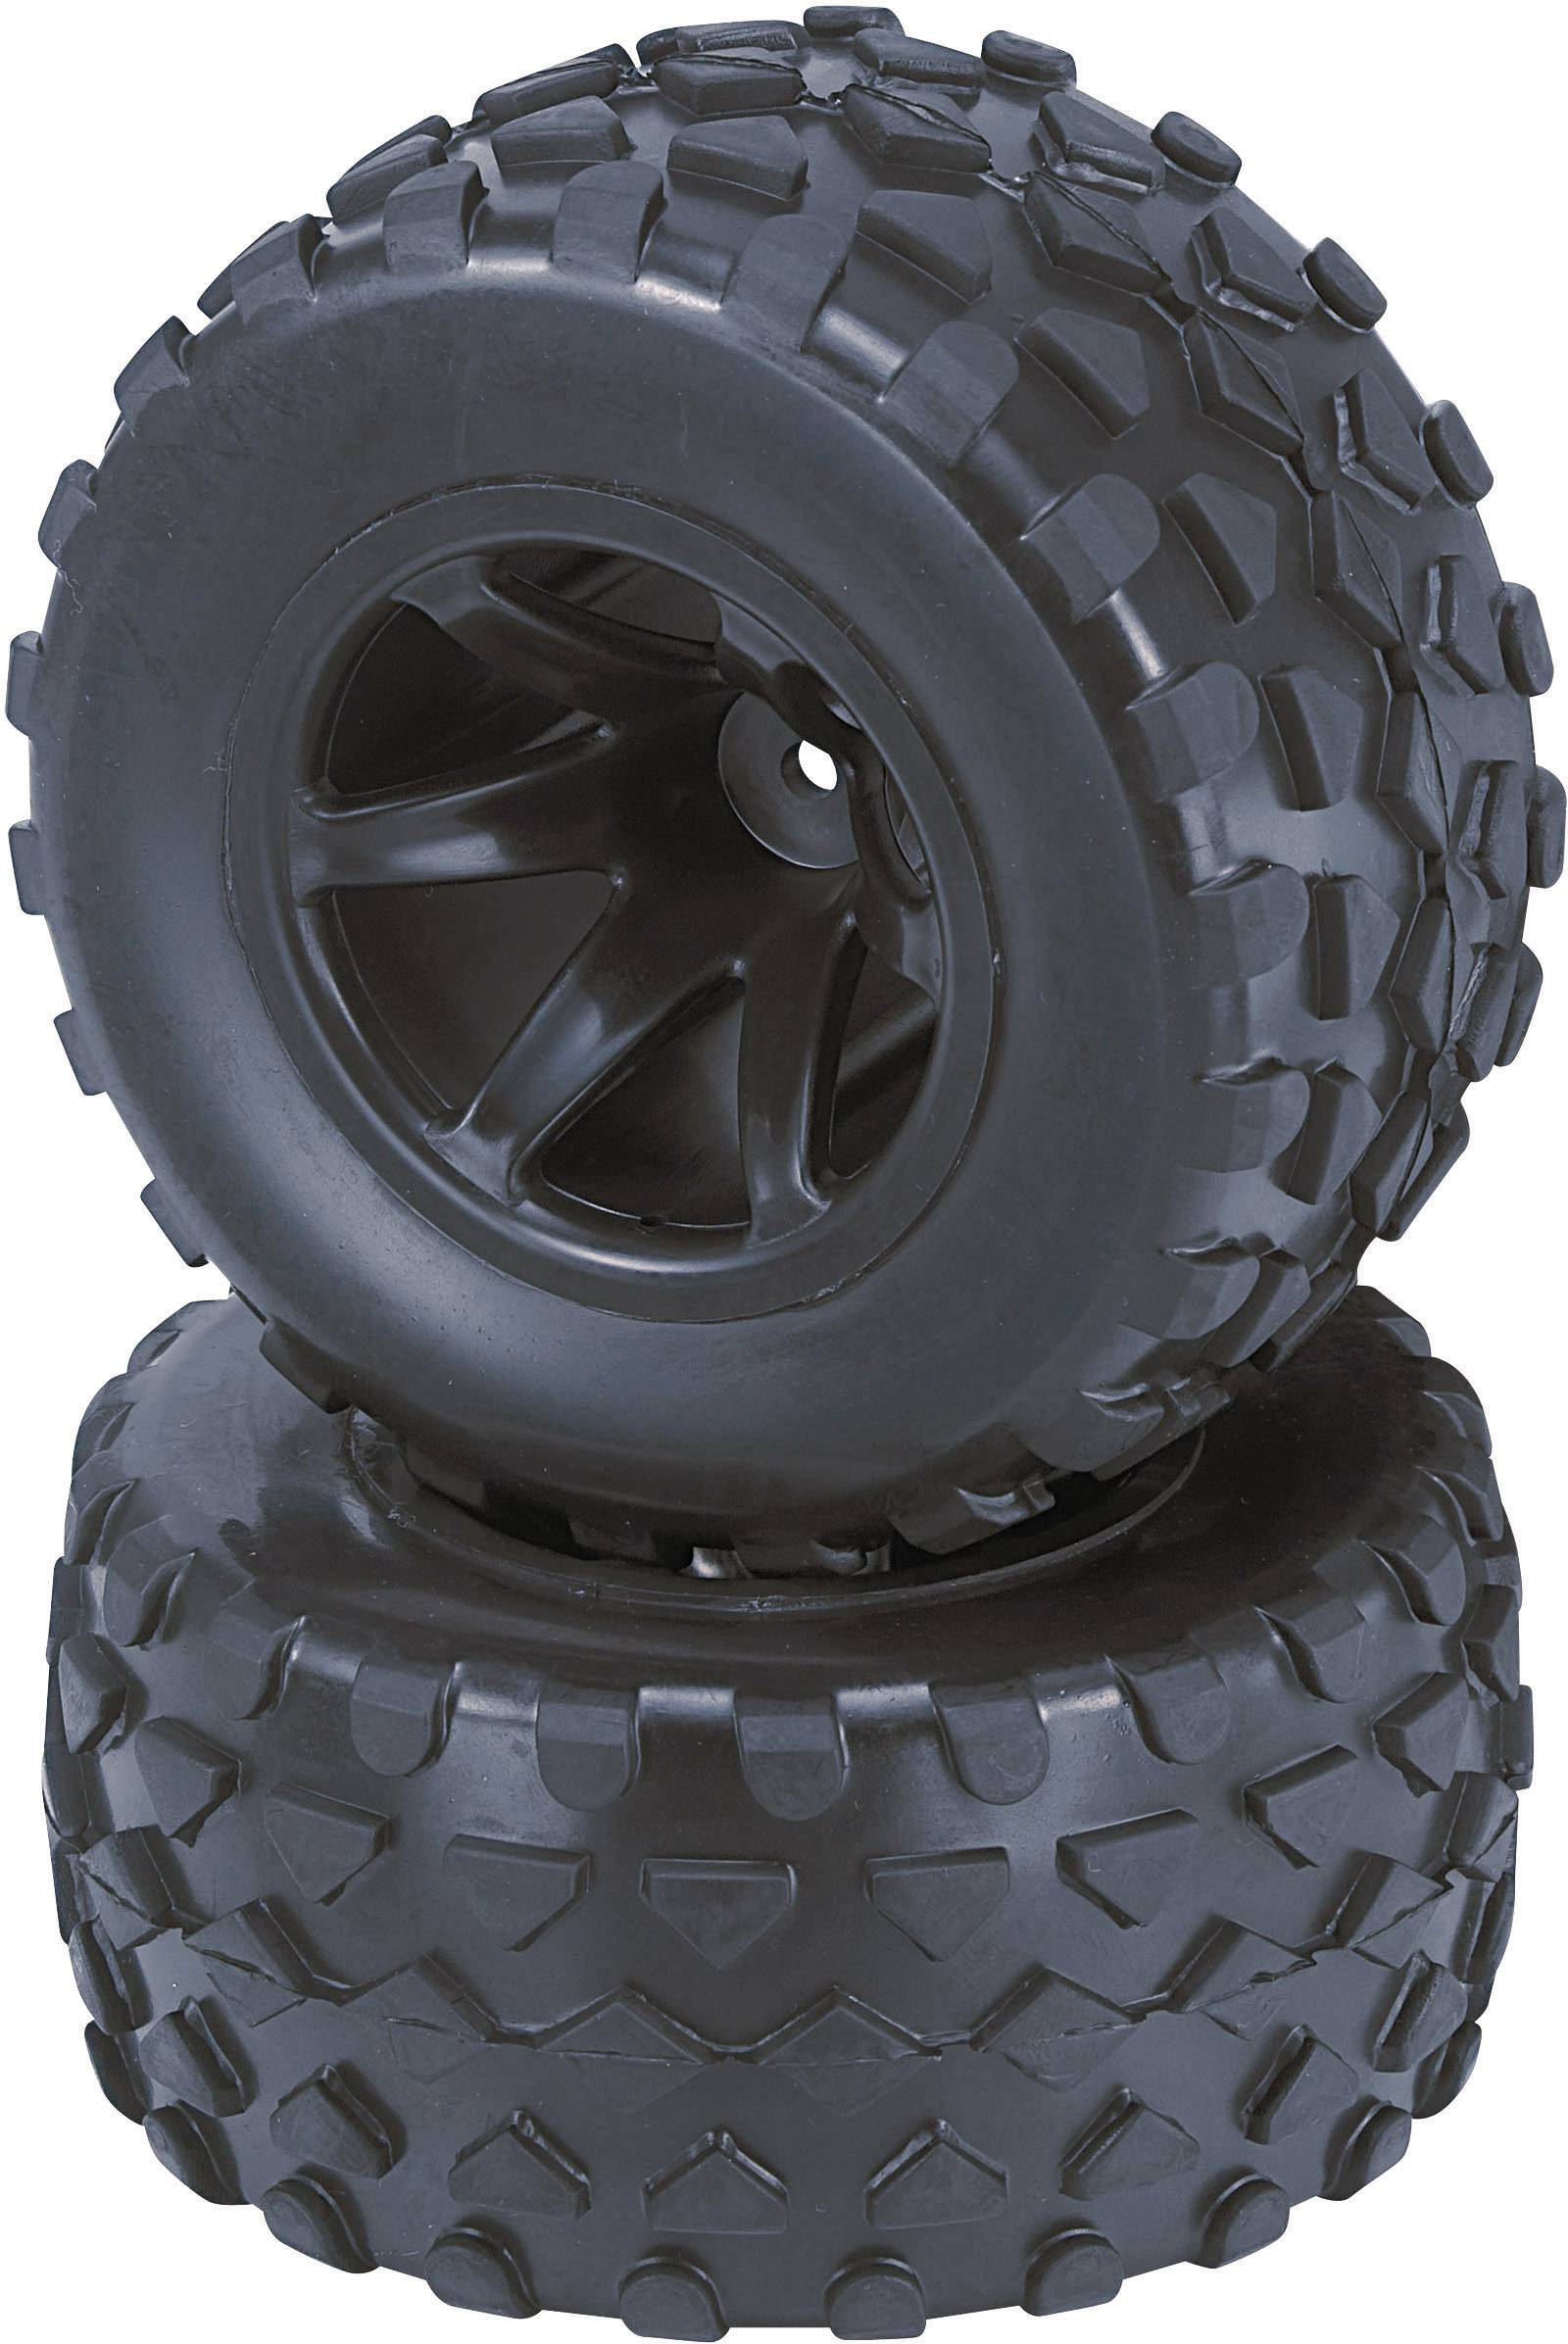 Kompletné kolesá Rhombo Reely 513016B pre truggy, 108 mm, 1:10, 2 ks, čierna